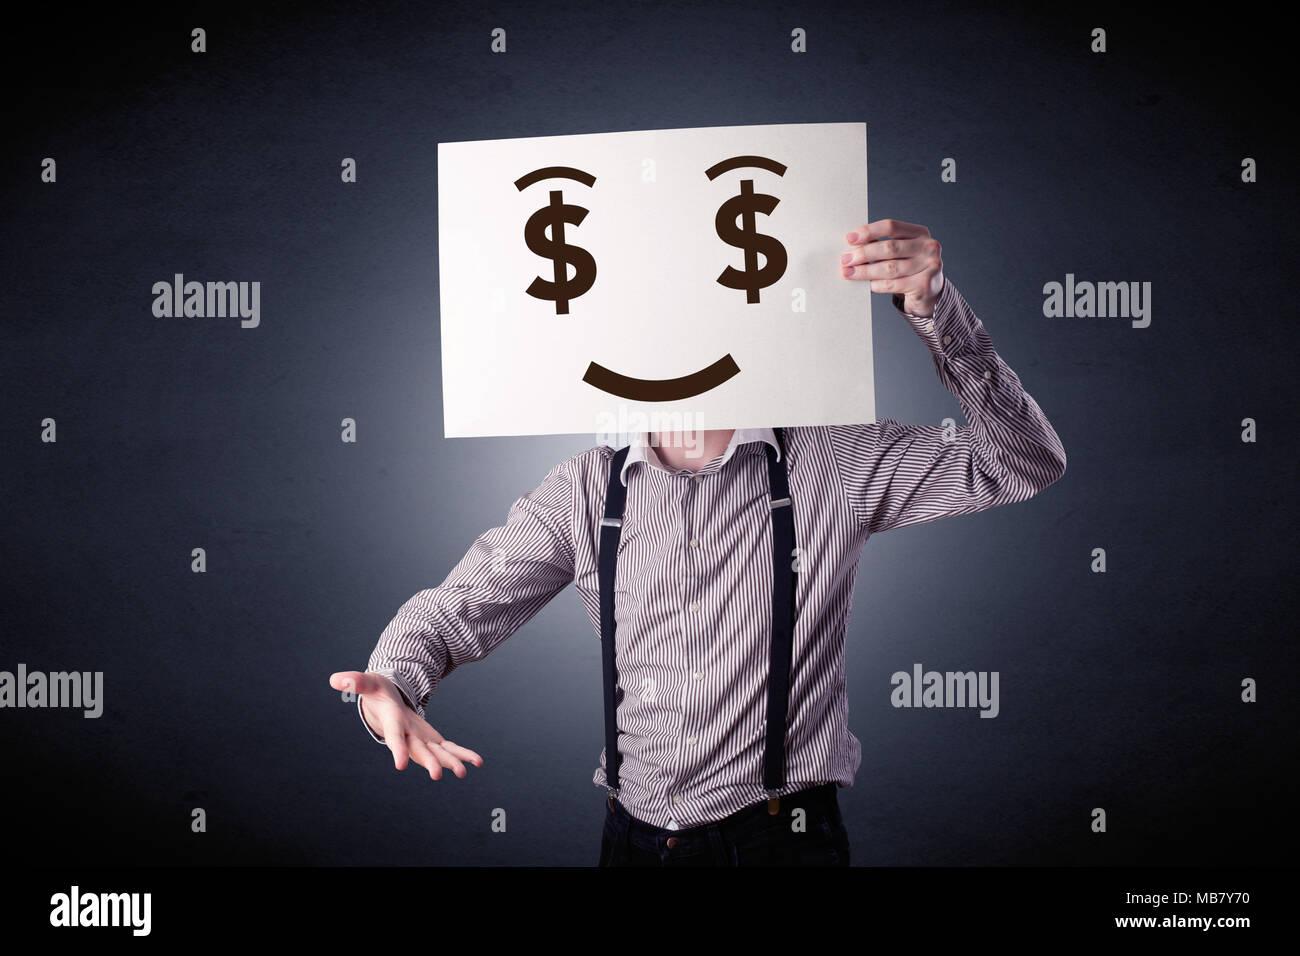 Junge casual Geschäftsmann versteckt sich hinter einem gierigen Gesicht Zeichnung auf Karton Stockbild